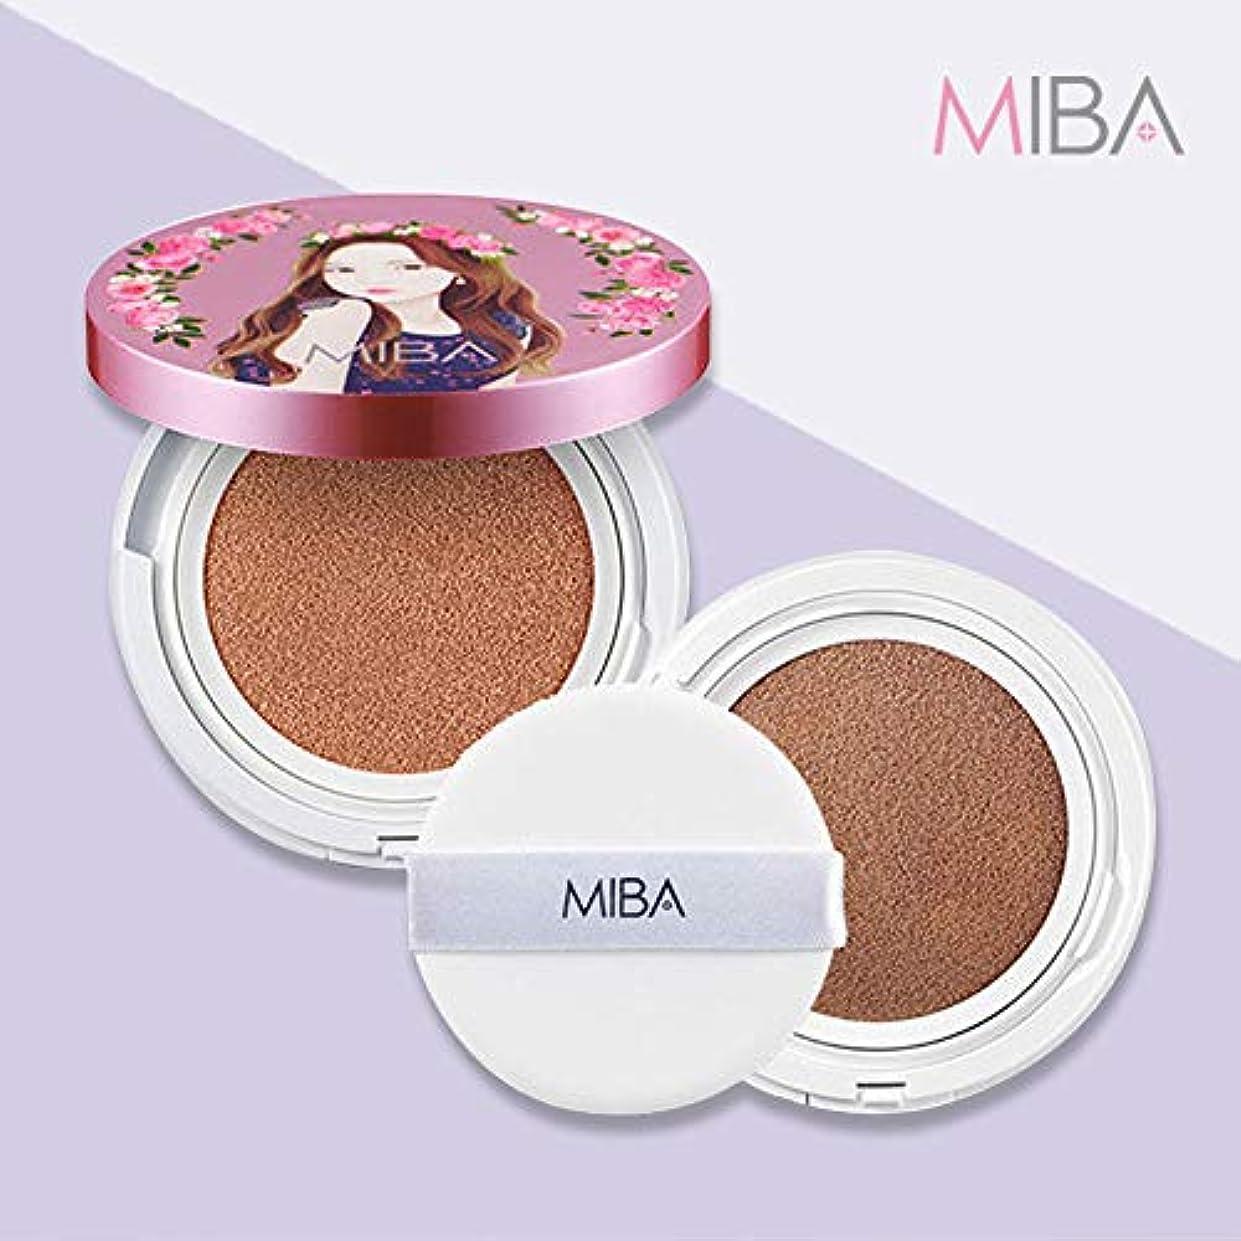 致命的経験者甘くする【mineralbio】 MIBA ミバ イオンカルシウム ミネラルファンデーション ダブルクッション 本品+リフィル+パフ2枚 SPF50+/PA++++ 普通肌用 (Ion Calcium Foundation Double Cushion set 24g #23 Natural skin)